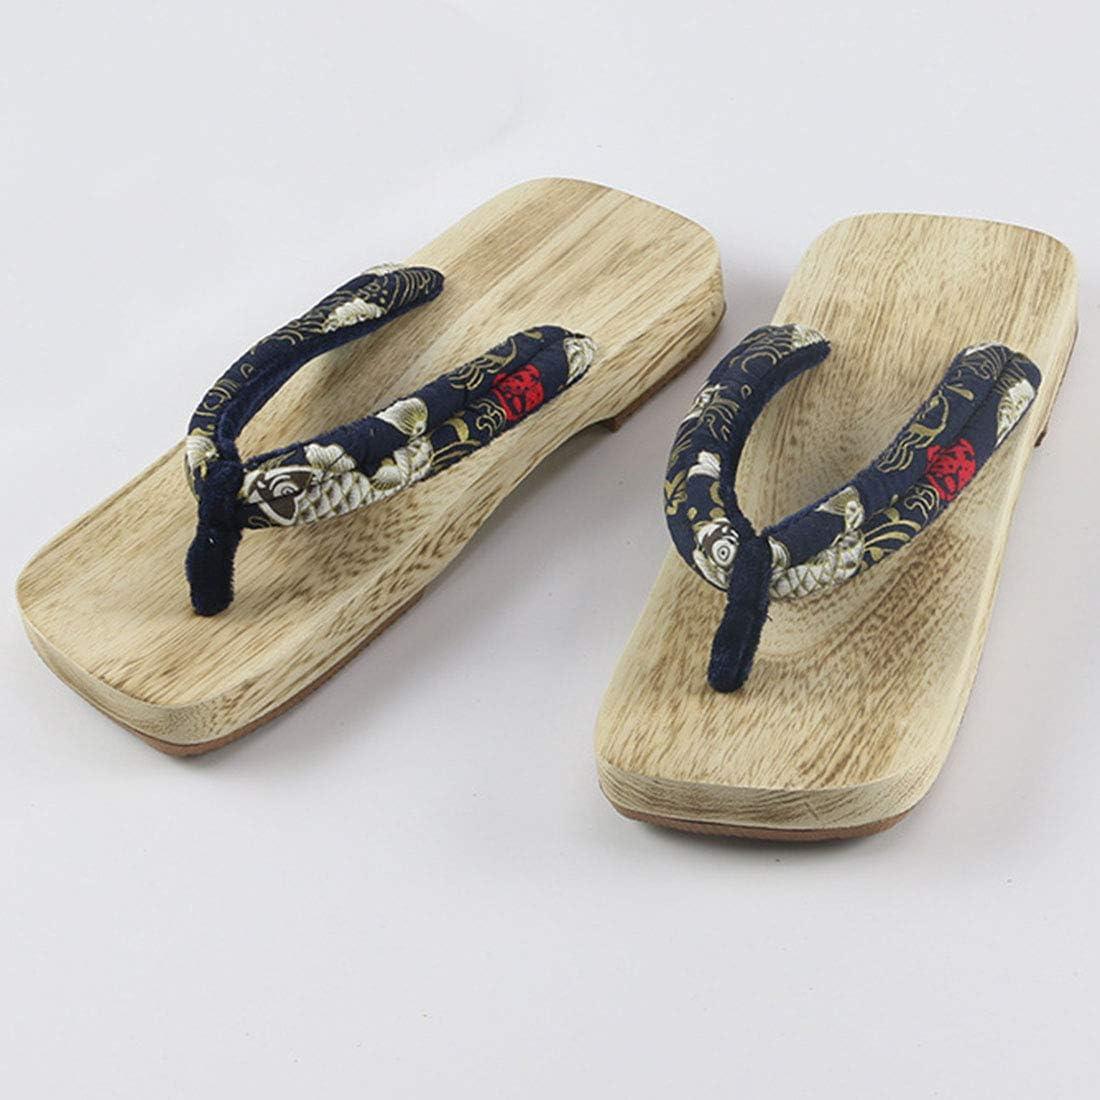 FREAHAP R Une Paire Floral Sandale Homme Femme Pantoufle Tong Bois Geta Japonaise Sabots Cosplay Pantoufles /à Fond /Épais Sandales pour Jeune